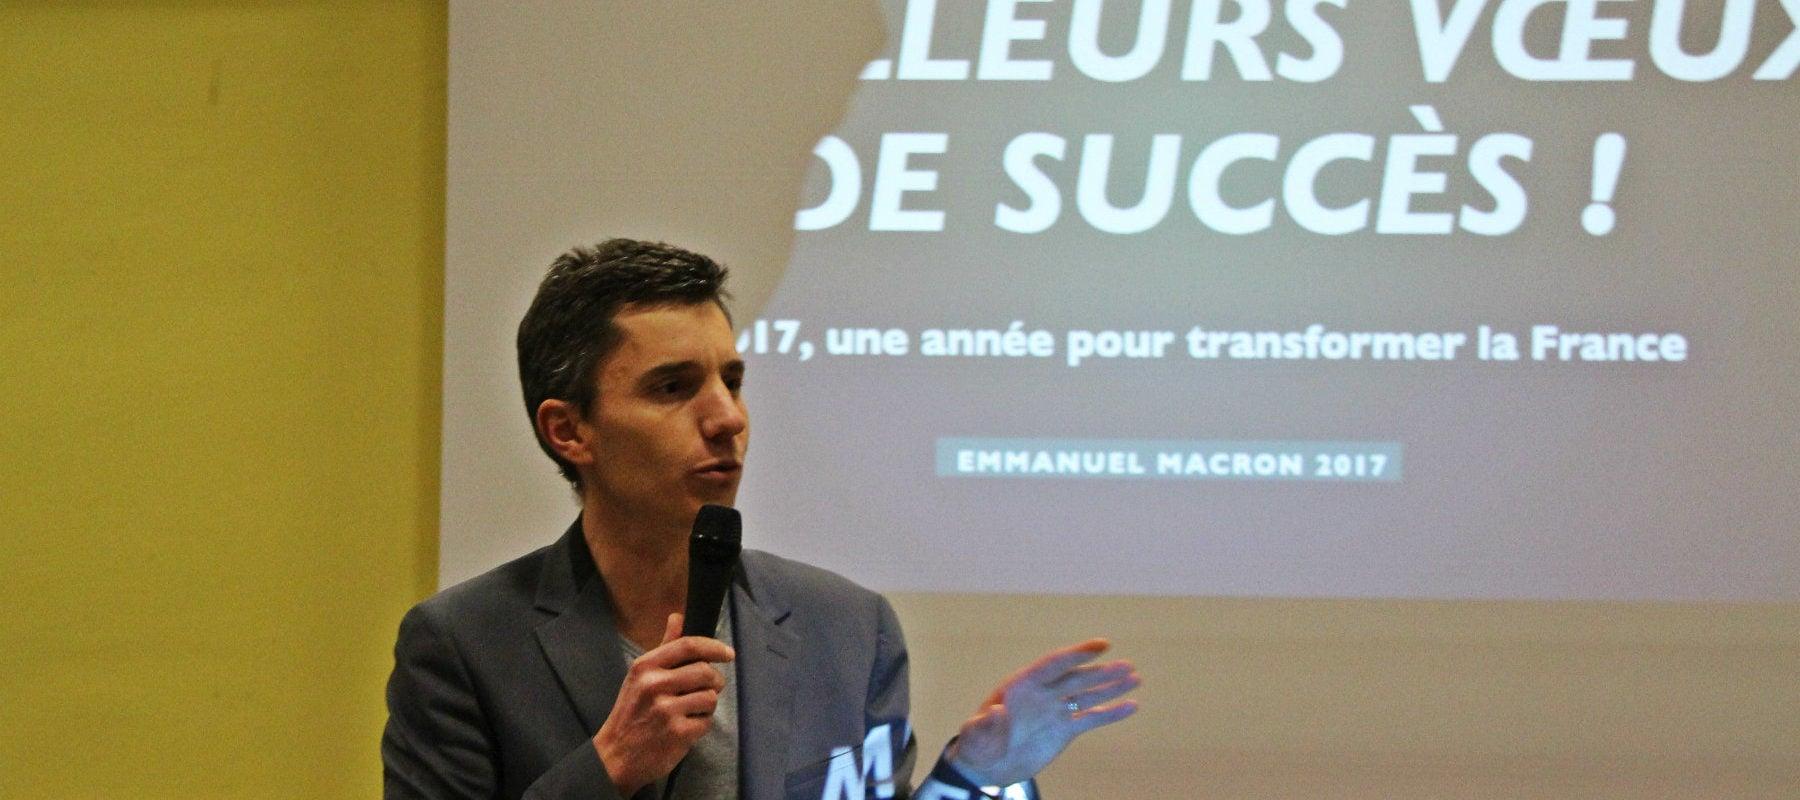 Législatives : En Marche en tête en Alsace, net recul du FN